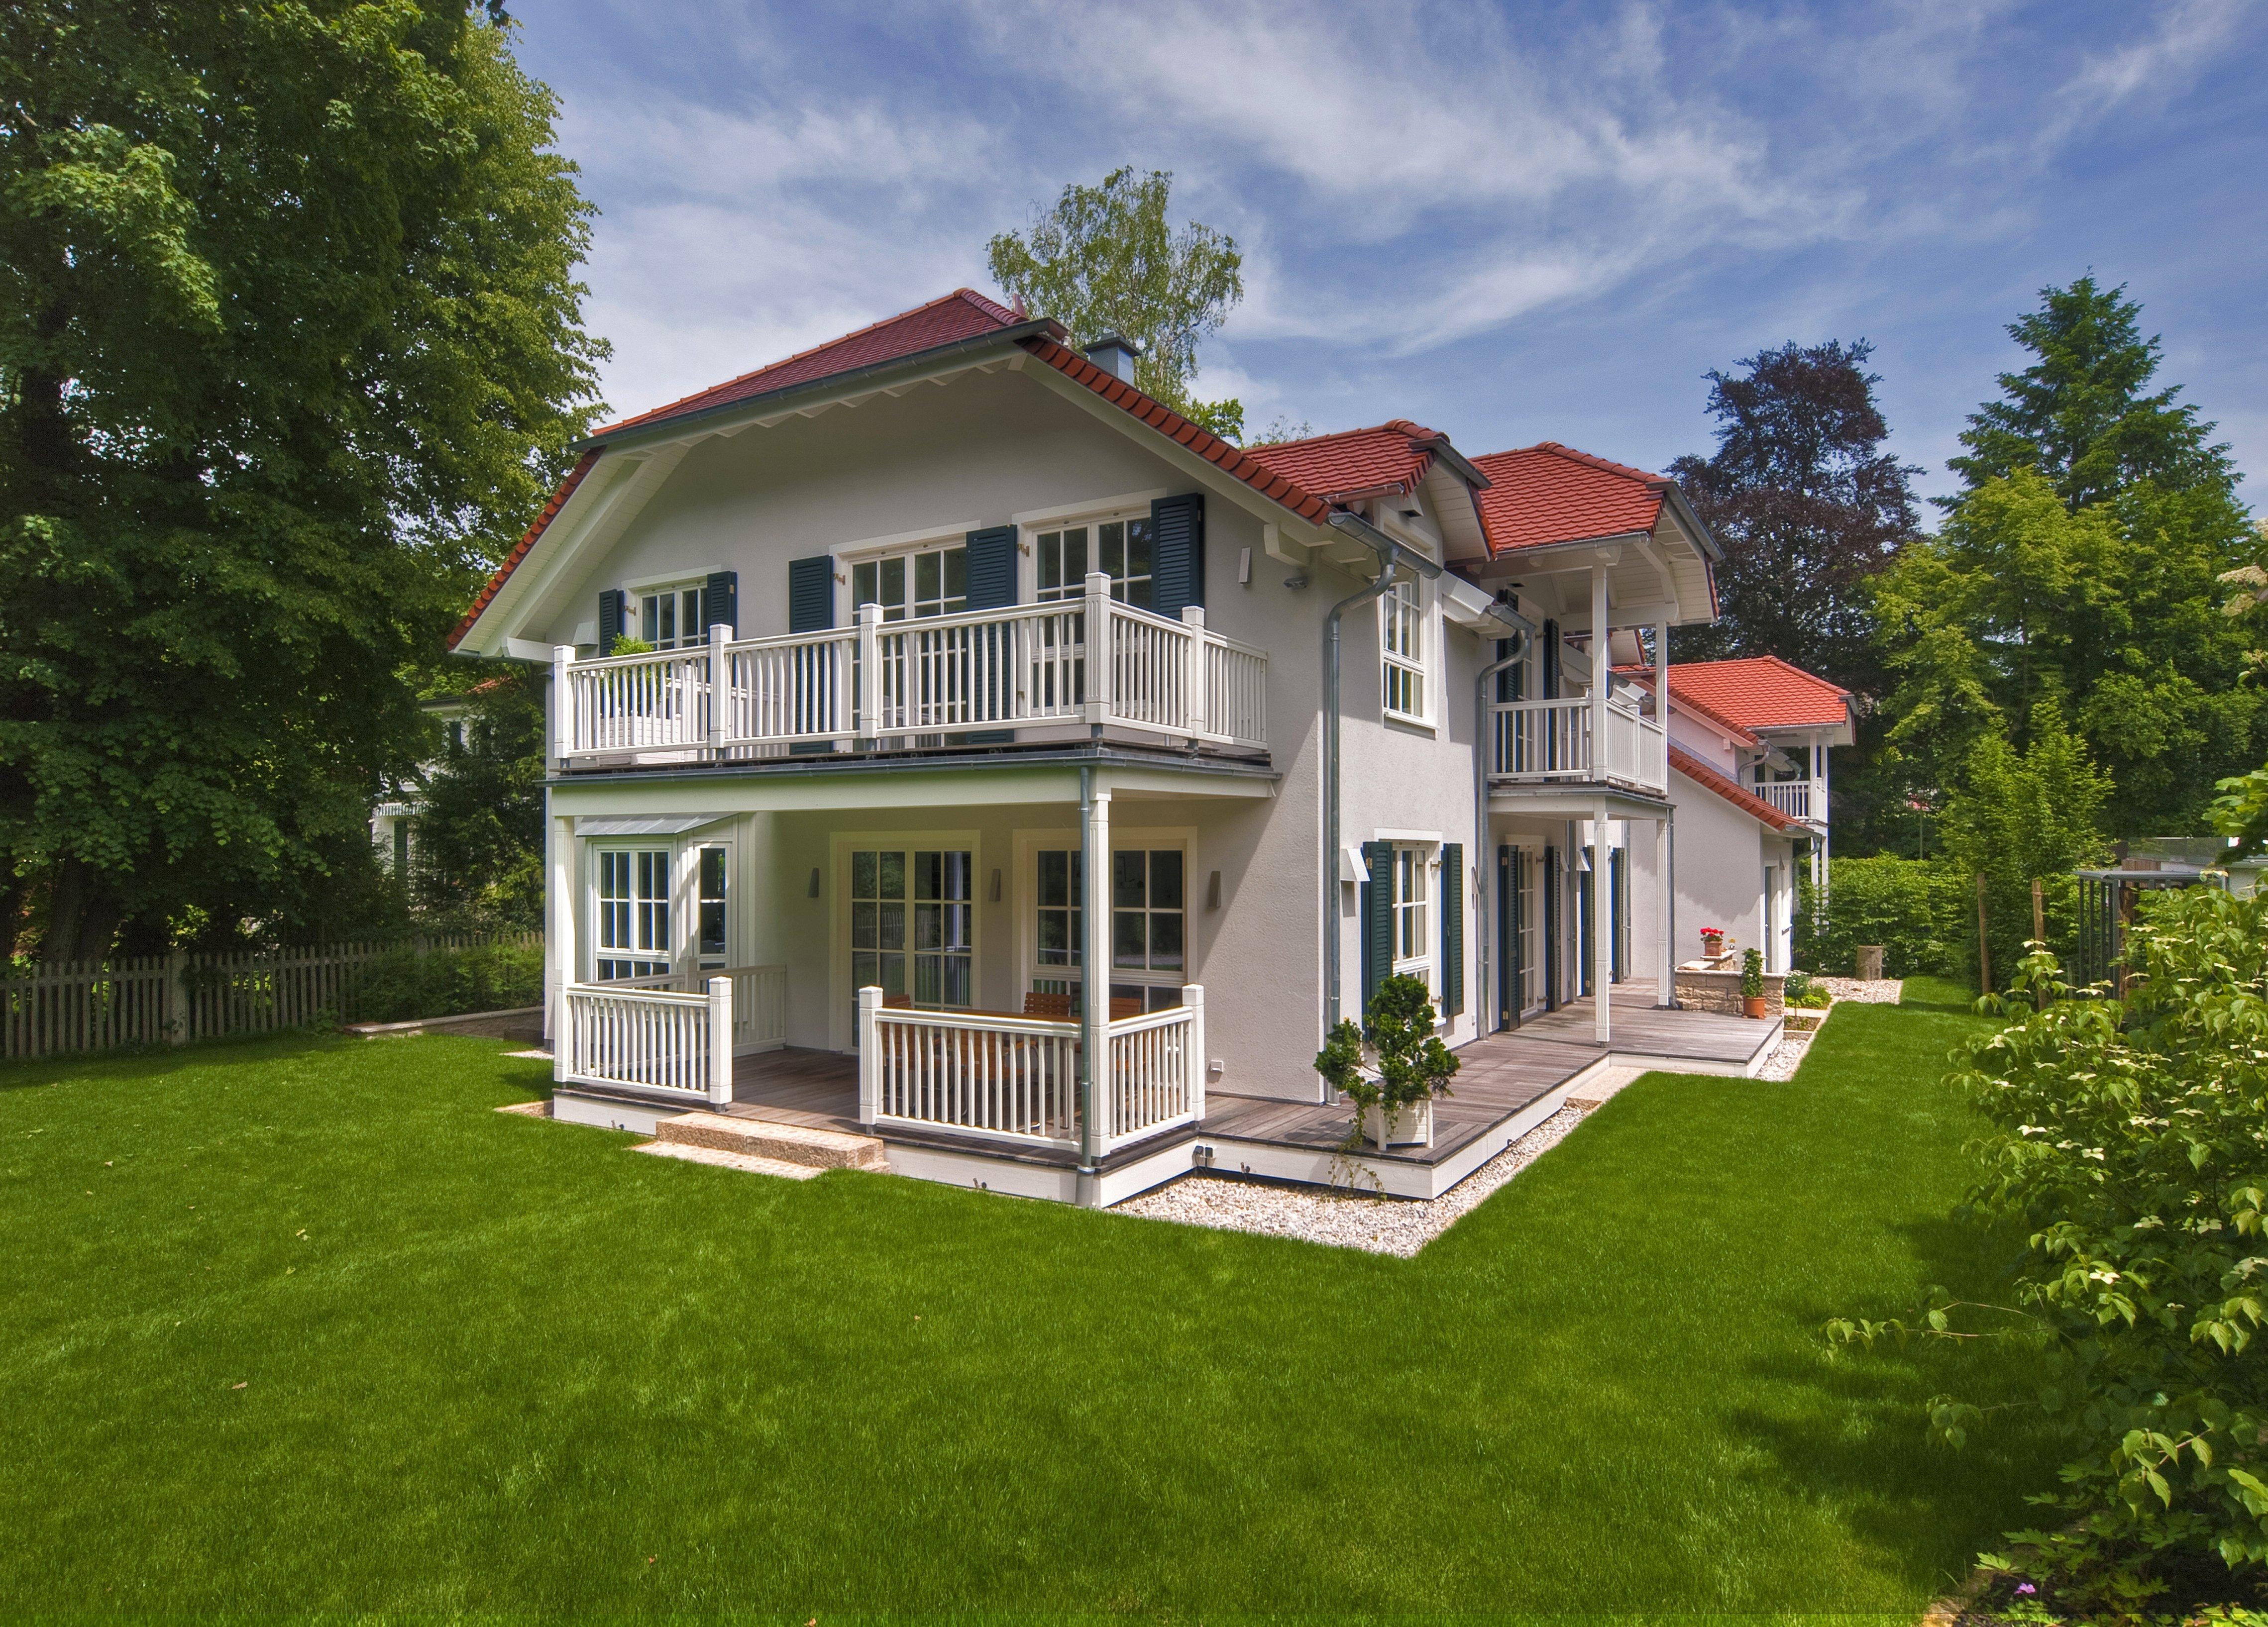 Fertighaus landhaus villa  Steinhauser (KfW-Effizienzhaus 55) von Baufritz | komplette ...